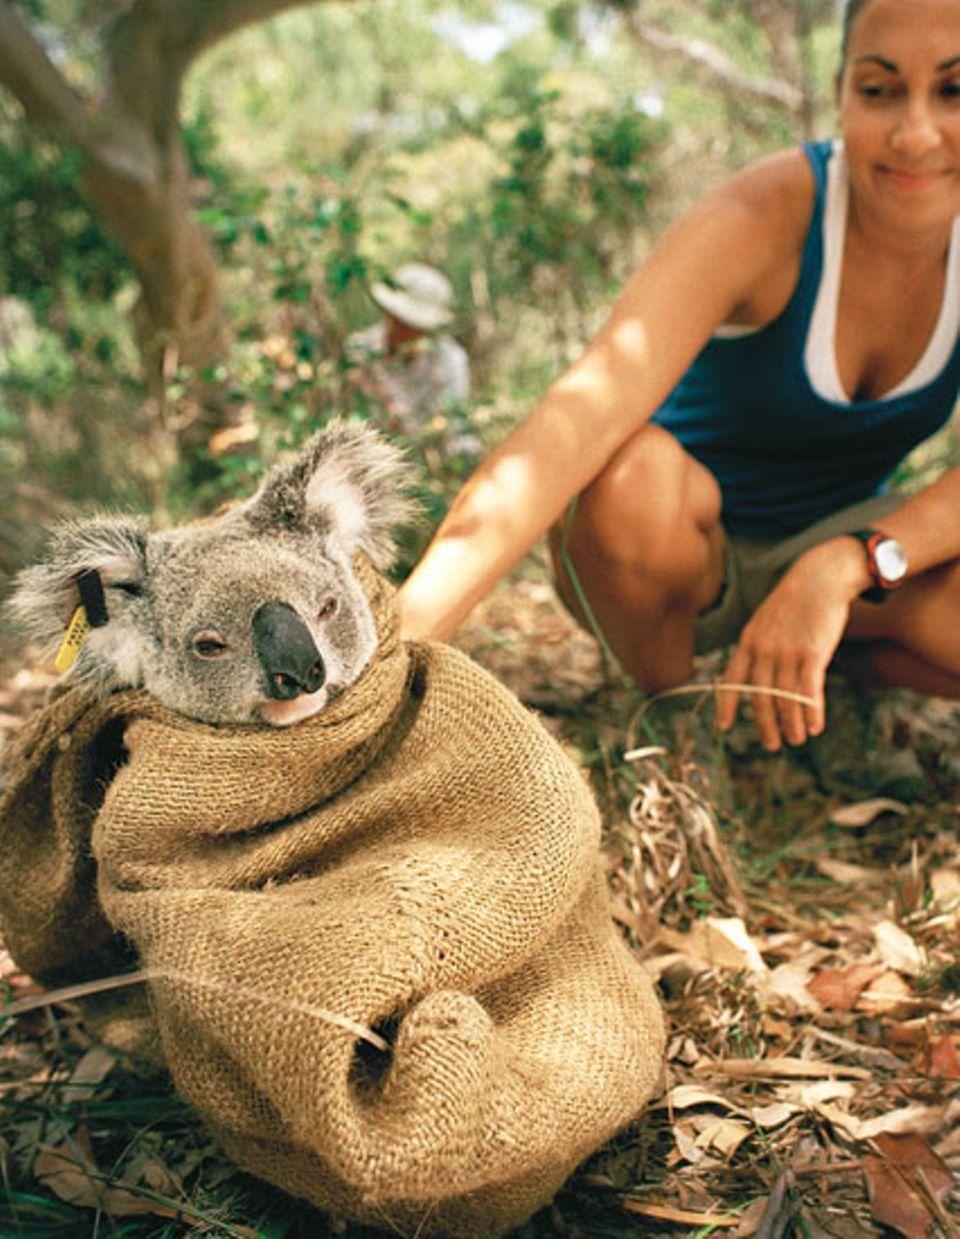 Im Beutel hocken Koalas nur die ersten neun Monate nach der Geburt. Veronica muss für eine halbe Stunde nachsitzen, ihr Peilsender ist defekt und wird nun ausgetauscht